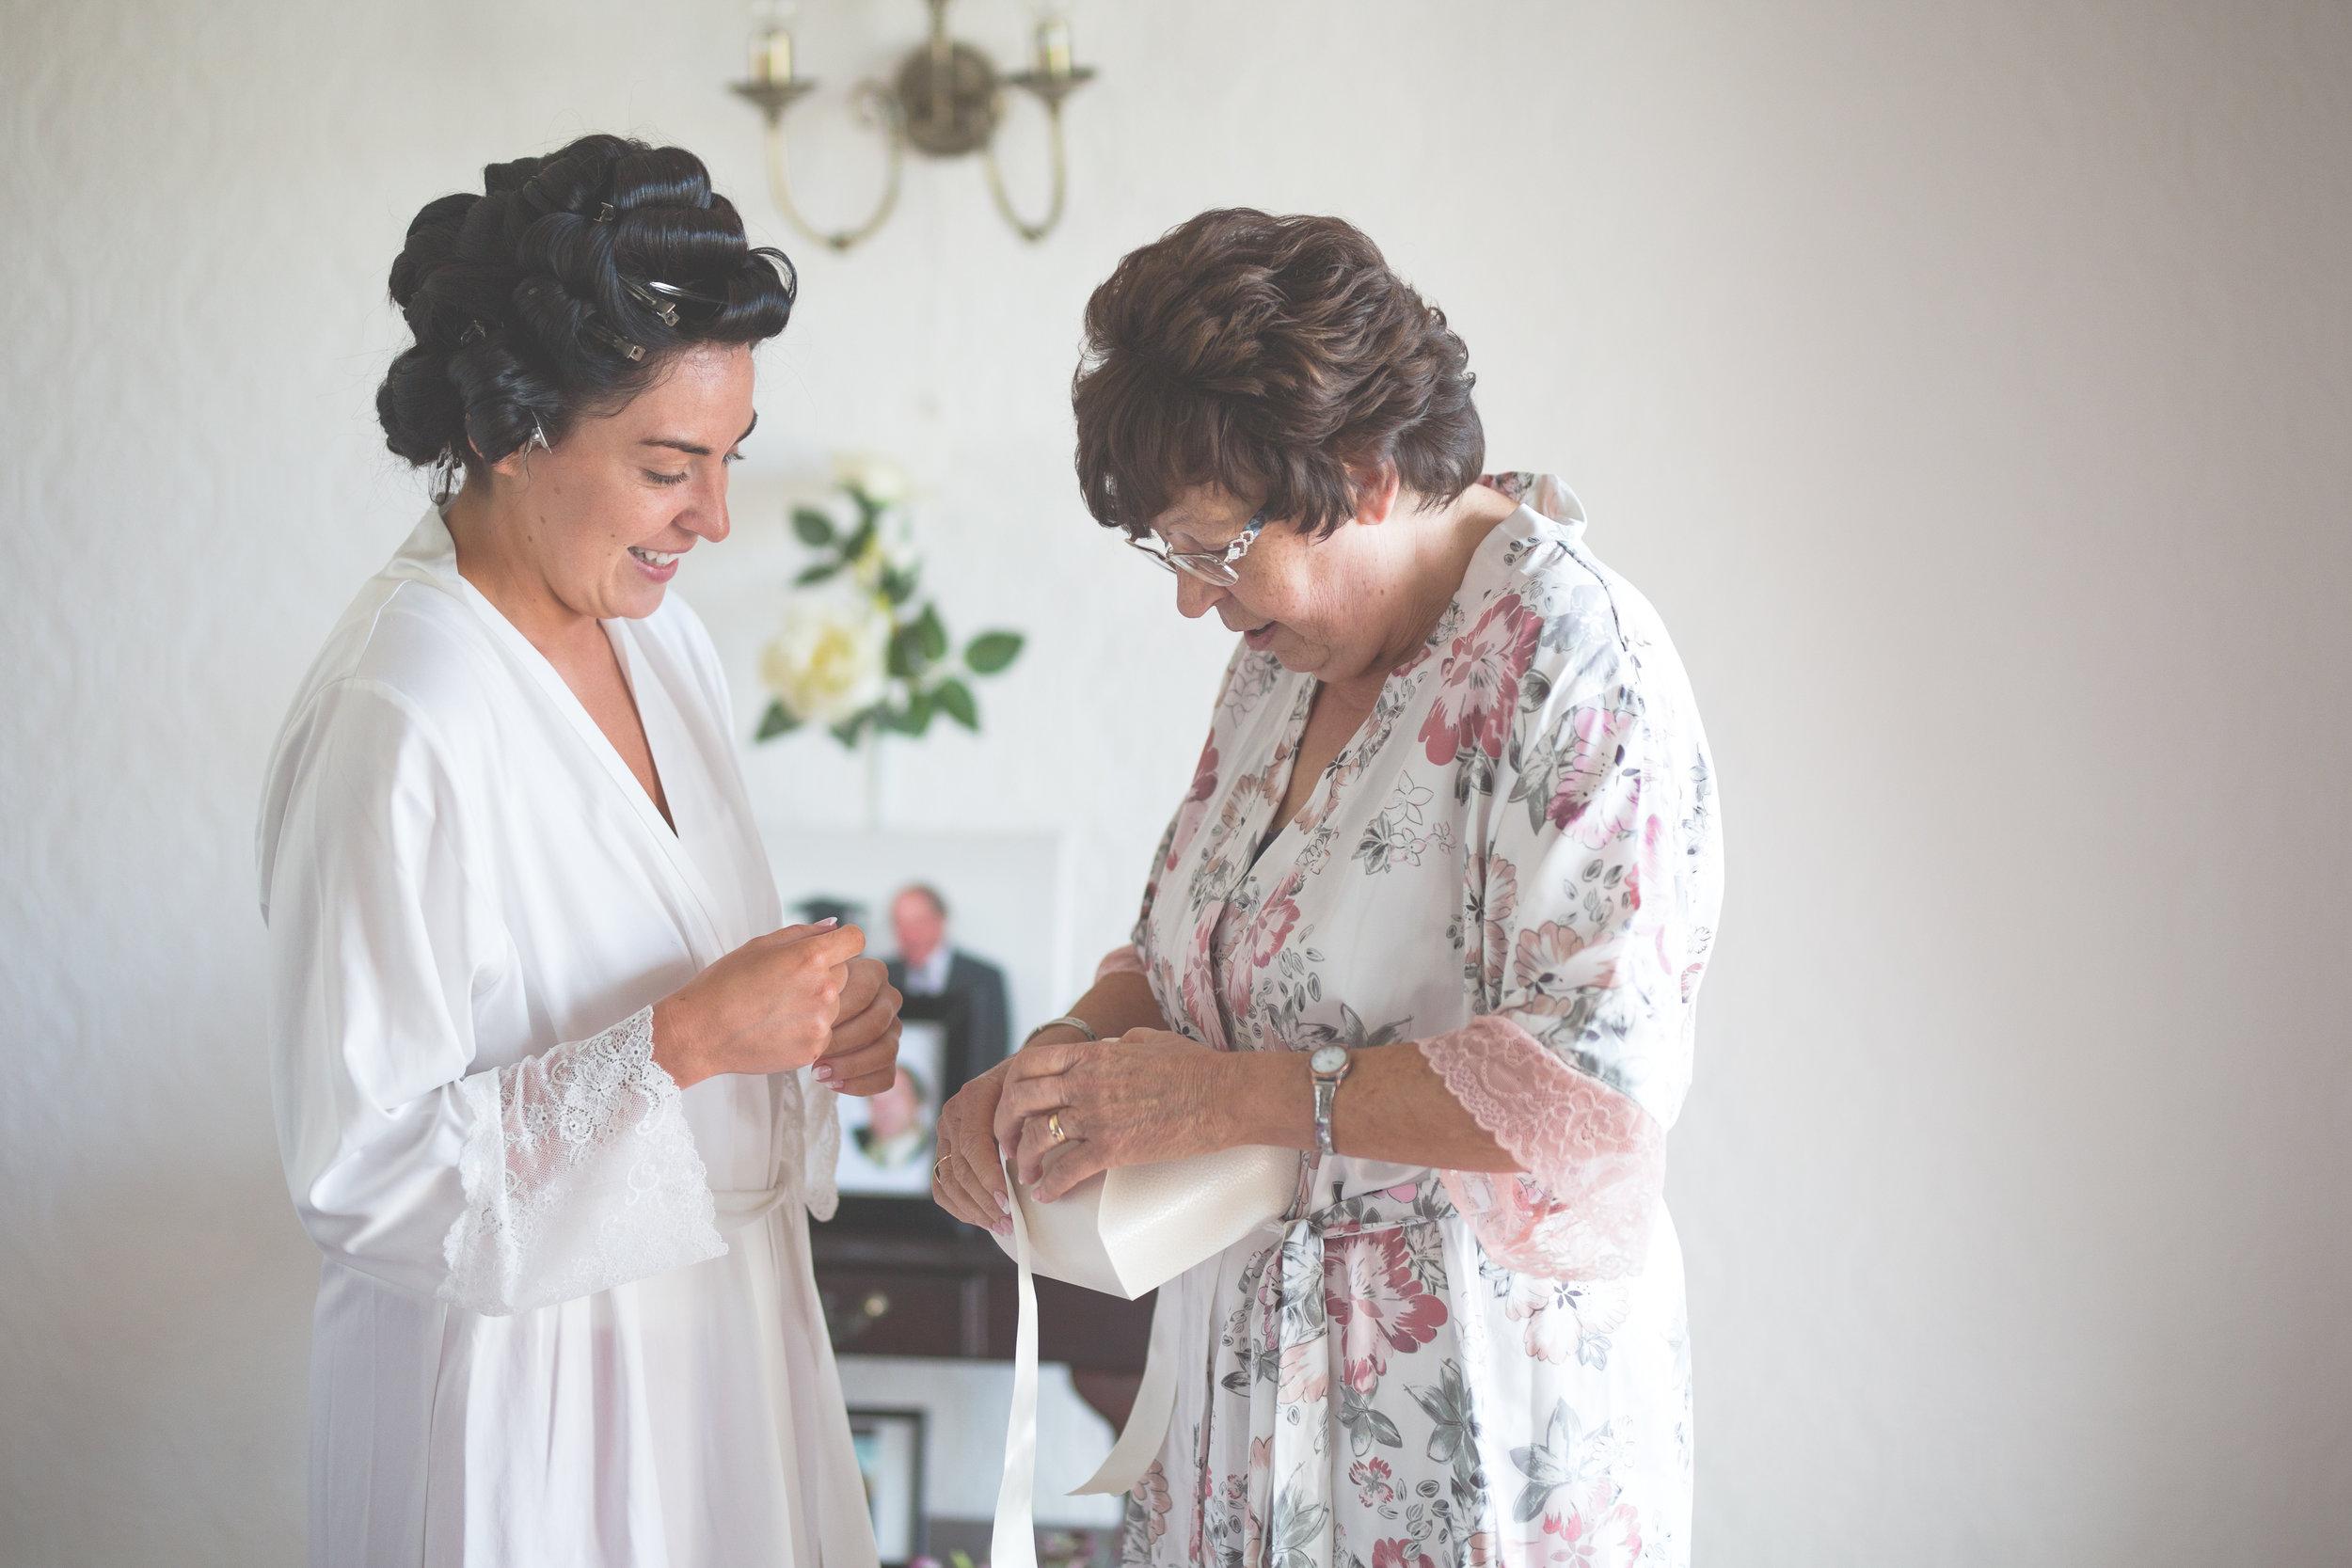 Brian McEwan Wedding Photography | Carol-Anne & Sean | Bridal Preparations-67.jpg